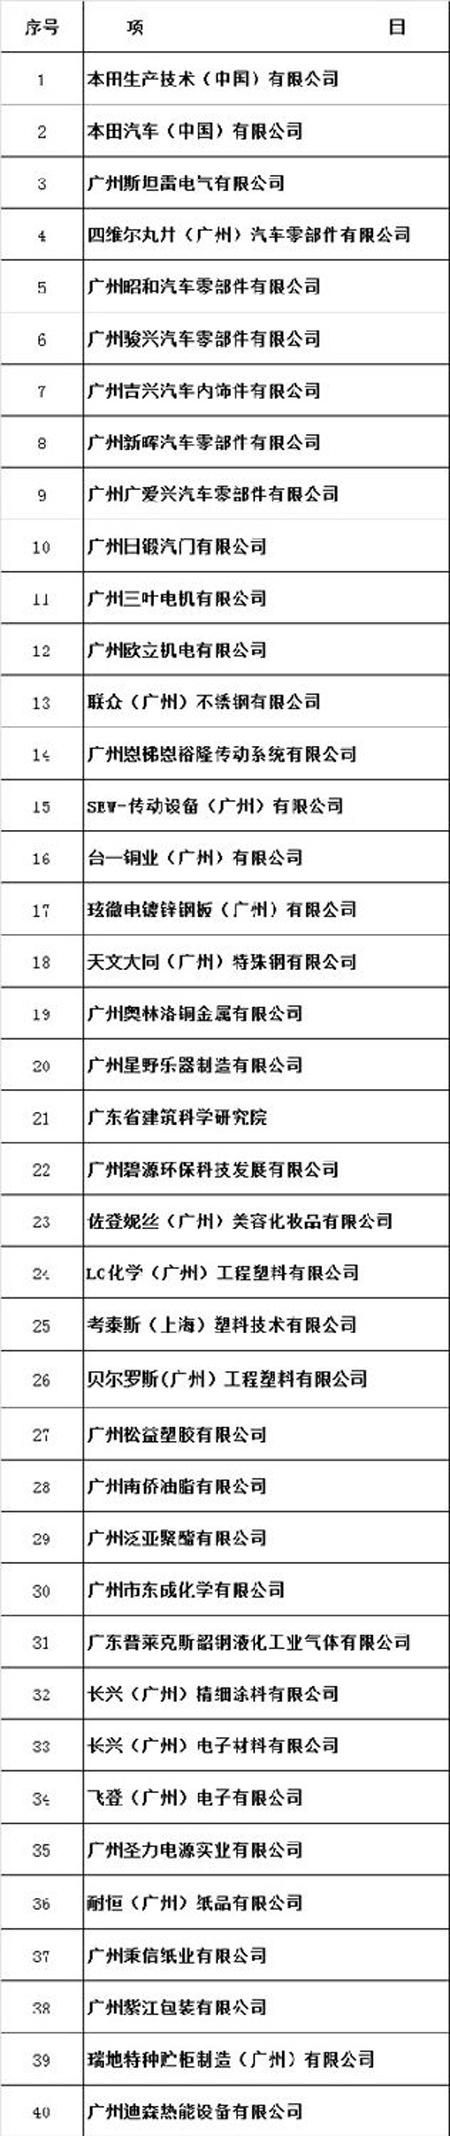 东南能科服务企业名单(部分)